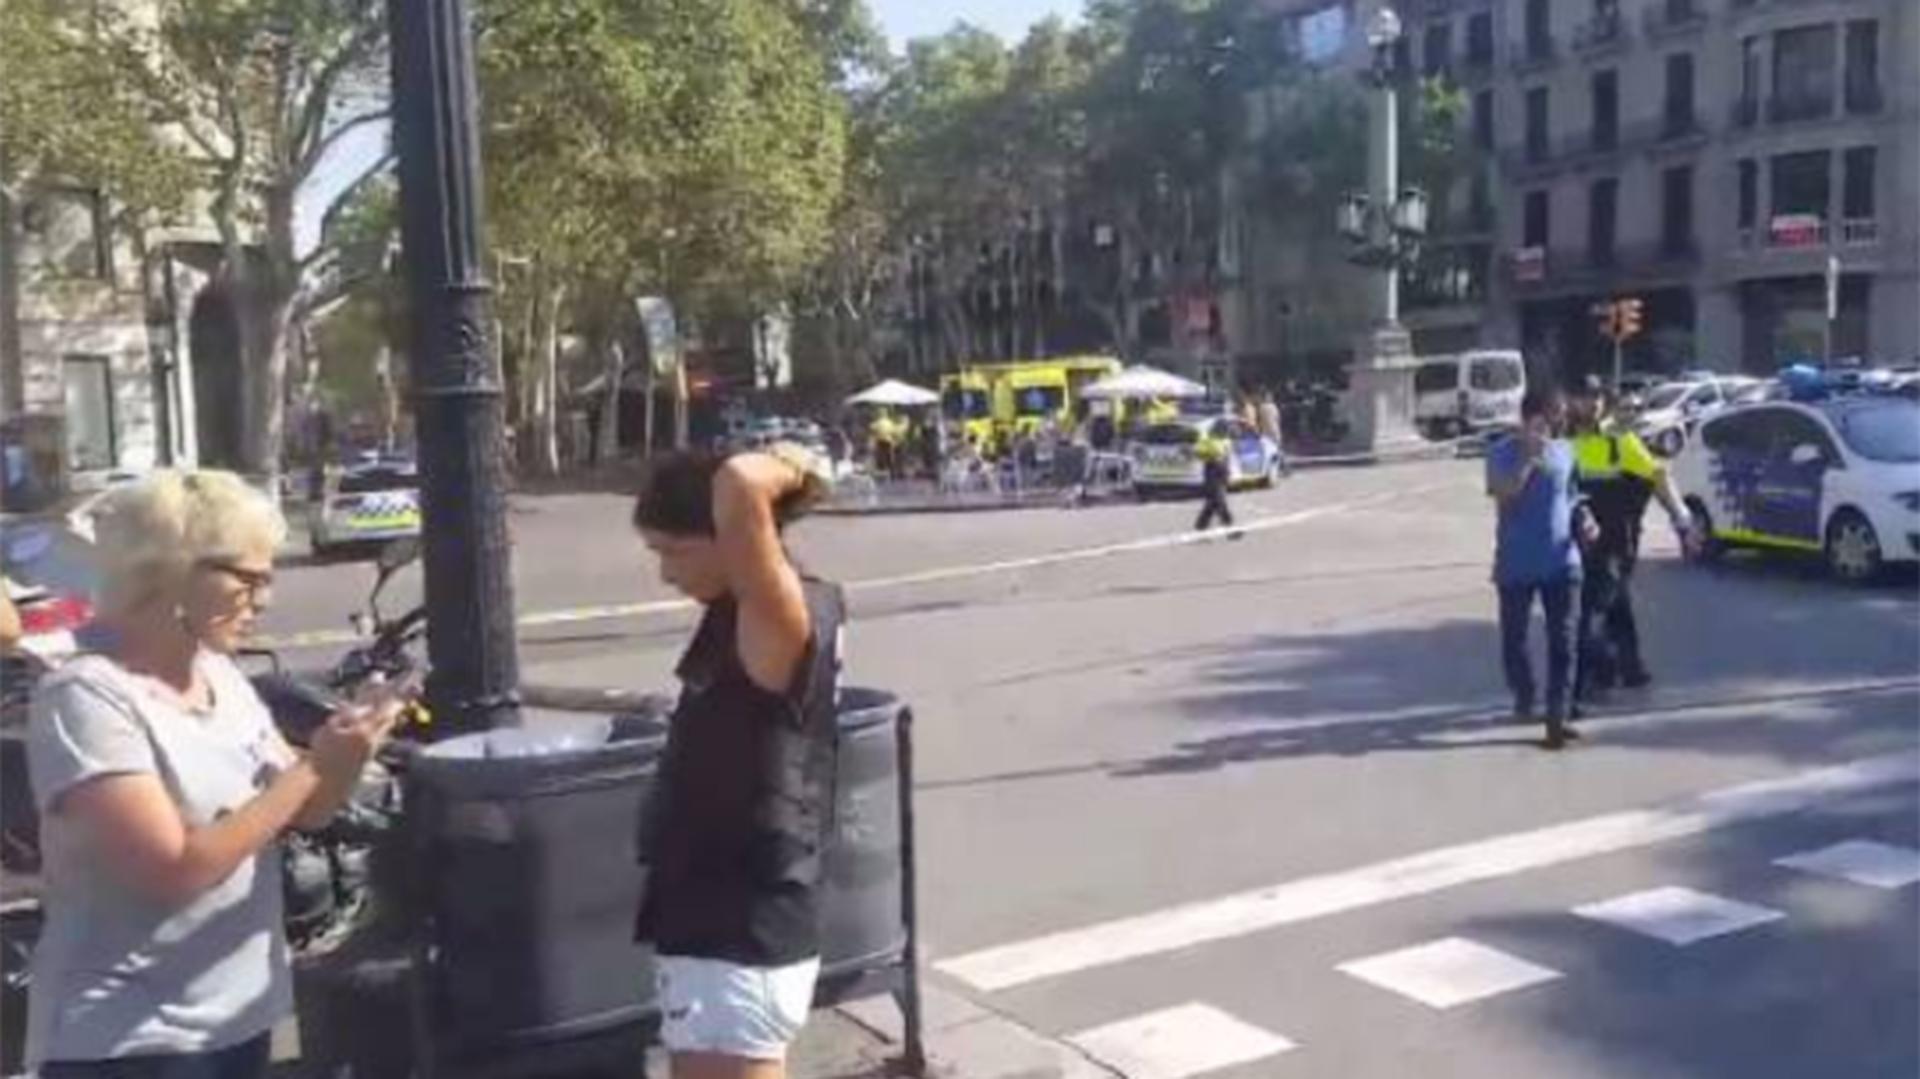 Según El Periódico de Barcelona, hay una veintena de heridos